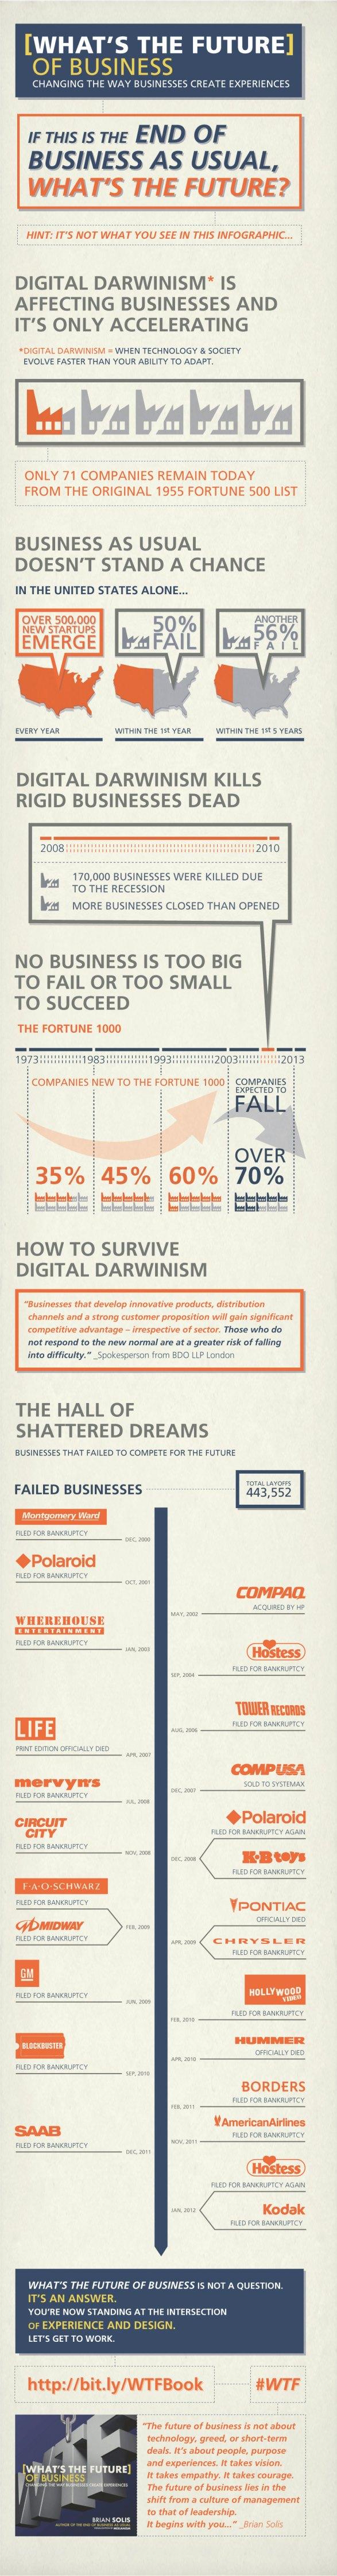 Digitaler Darwinsmus: Auslese der Geschäftsmodelle.